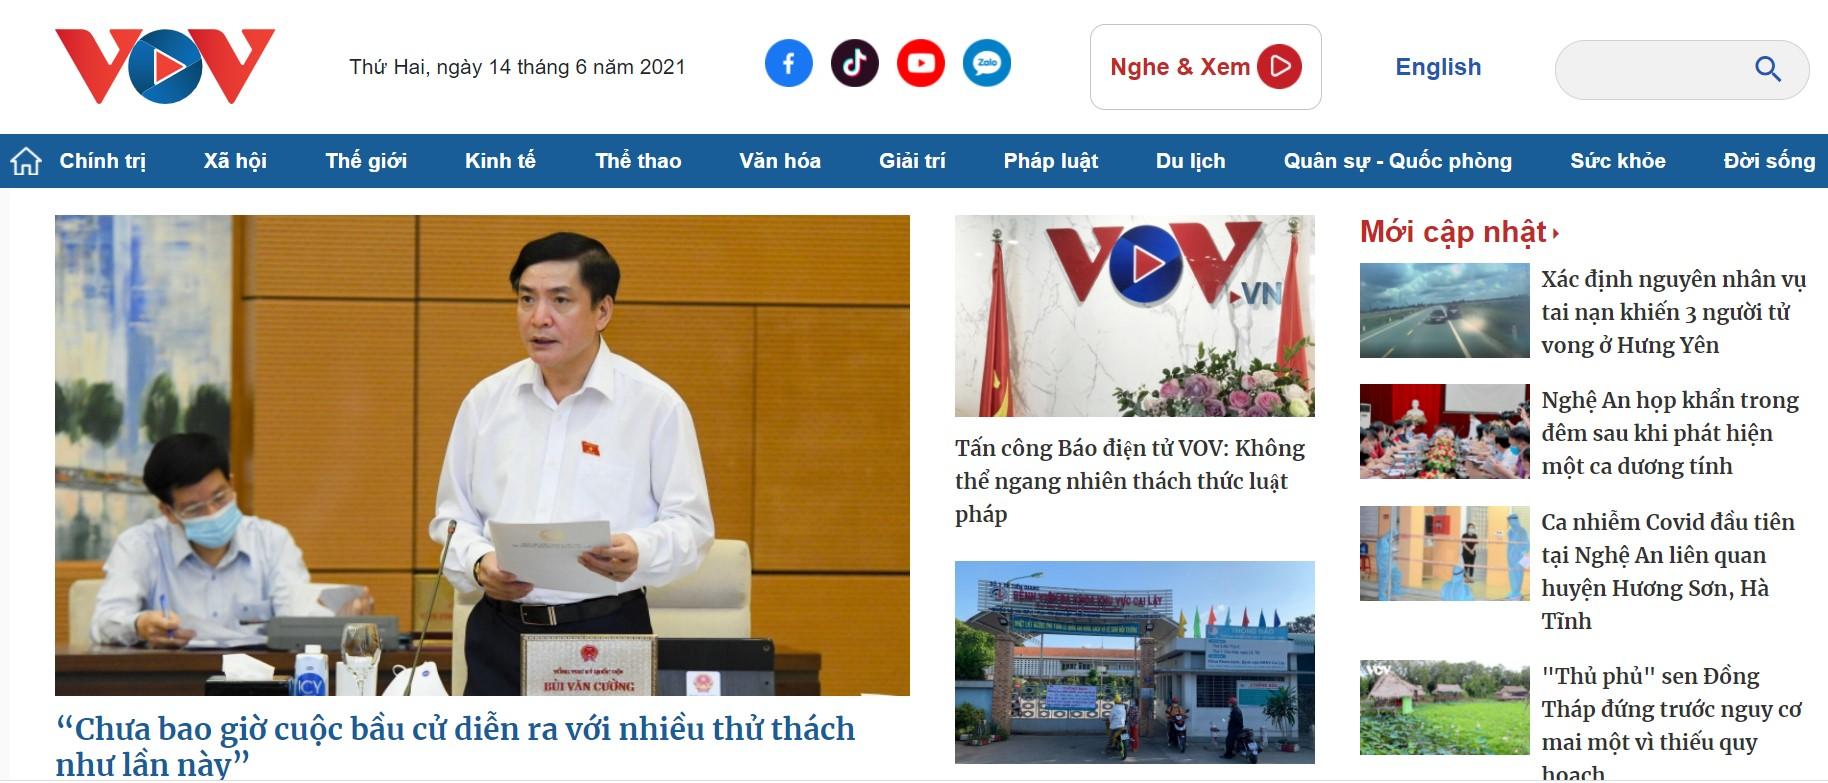 Báo điện tử VOV bị tấn công mạng, Bộ Công an vào cuộc điều tra - 2